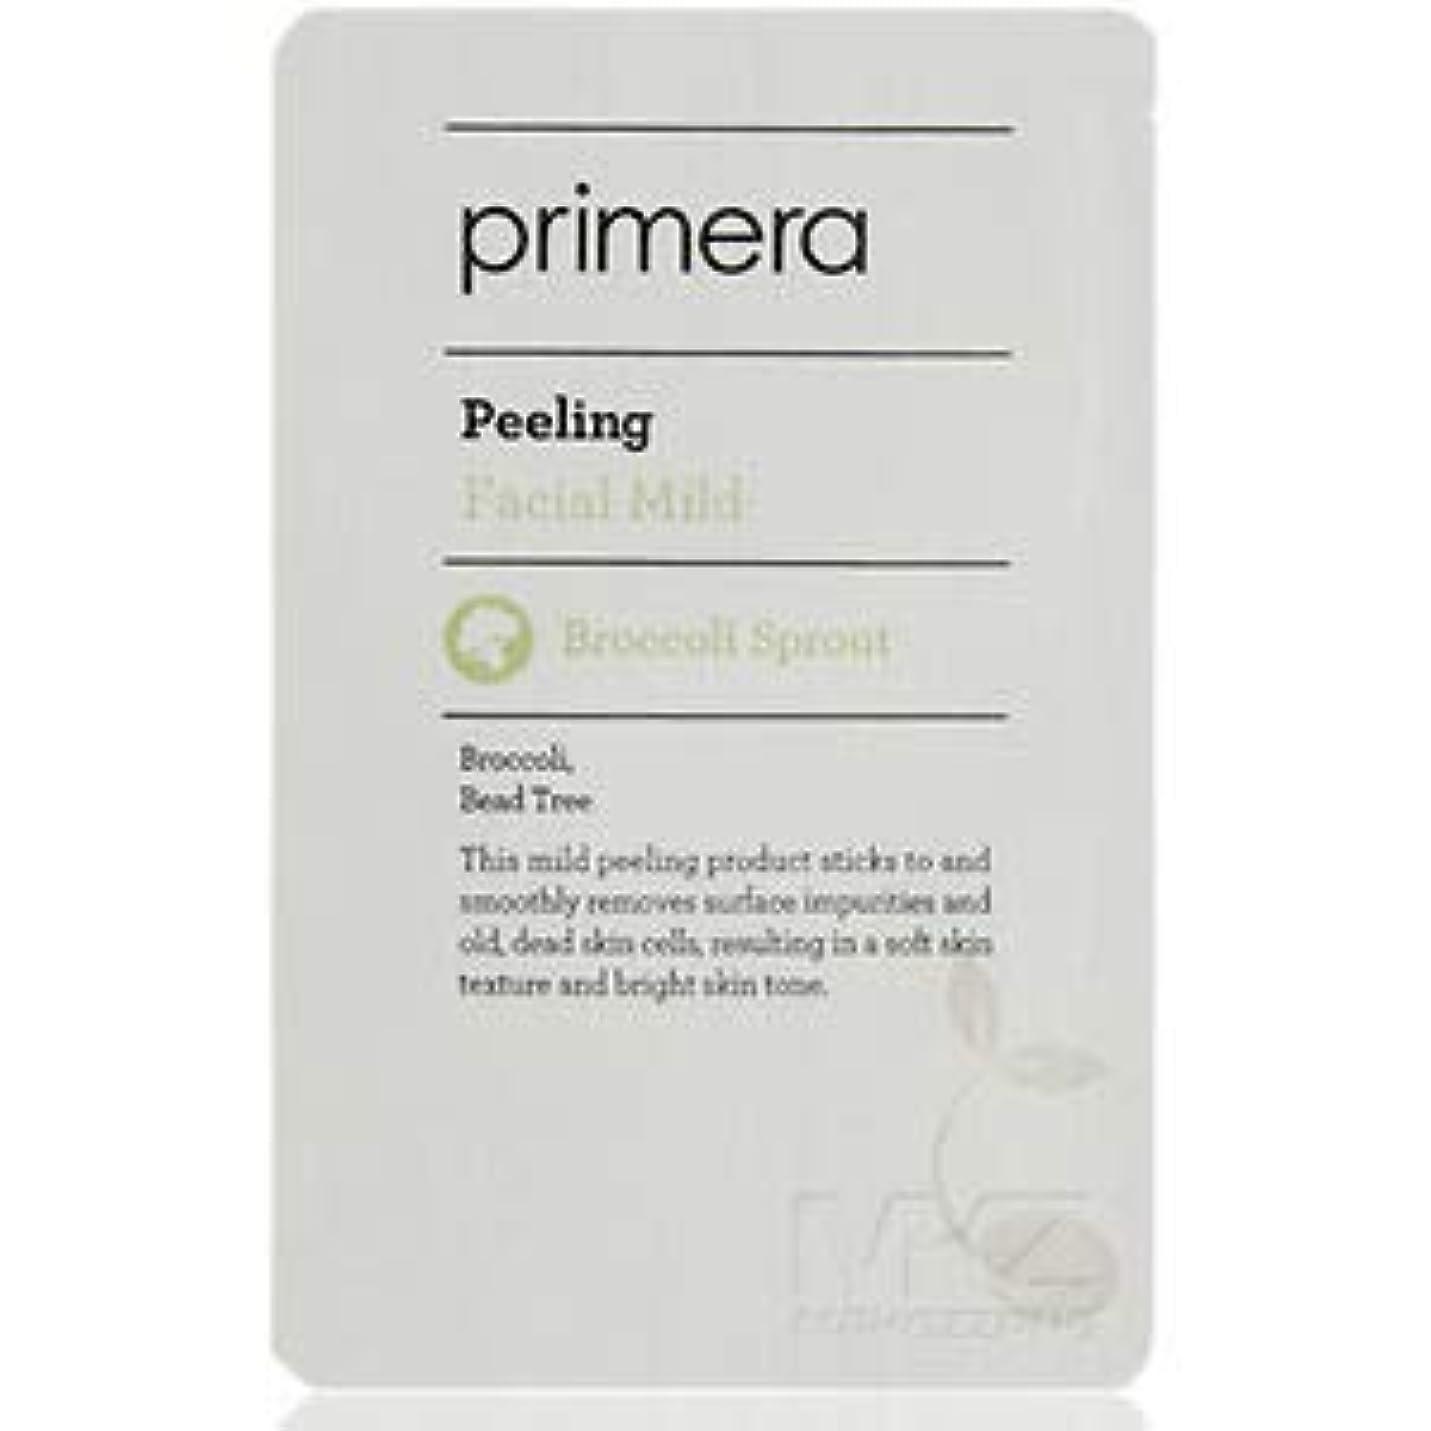 熱帯の降伏従事したPrimera facial mild peeling sample20EA [並行輸入品]